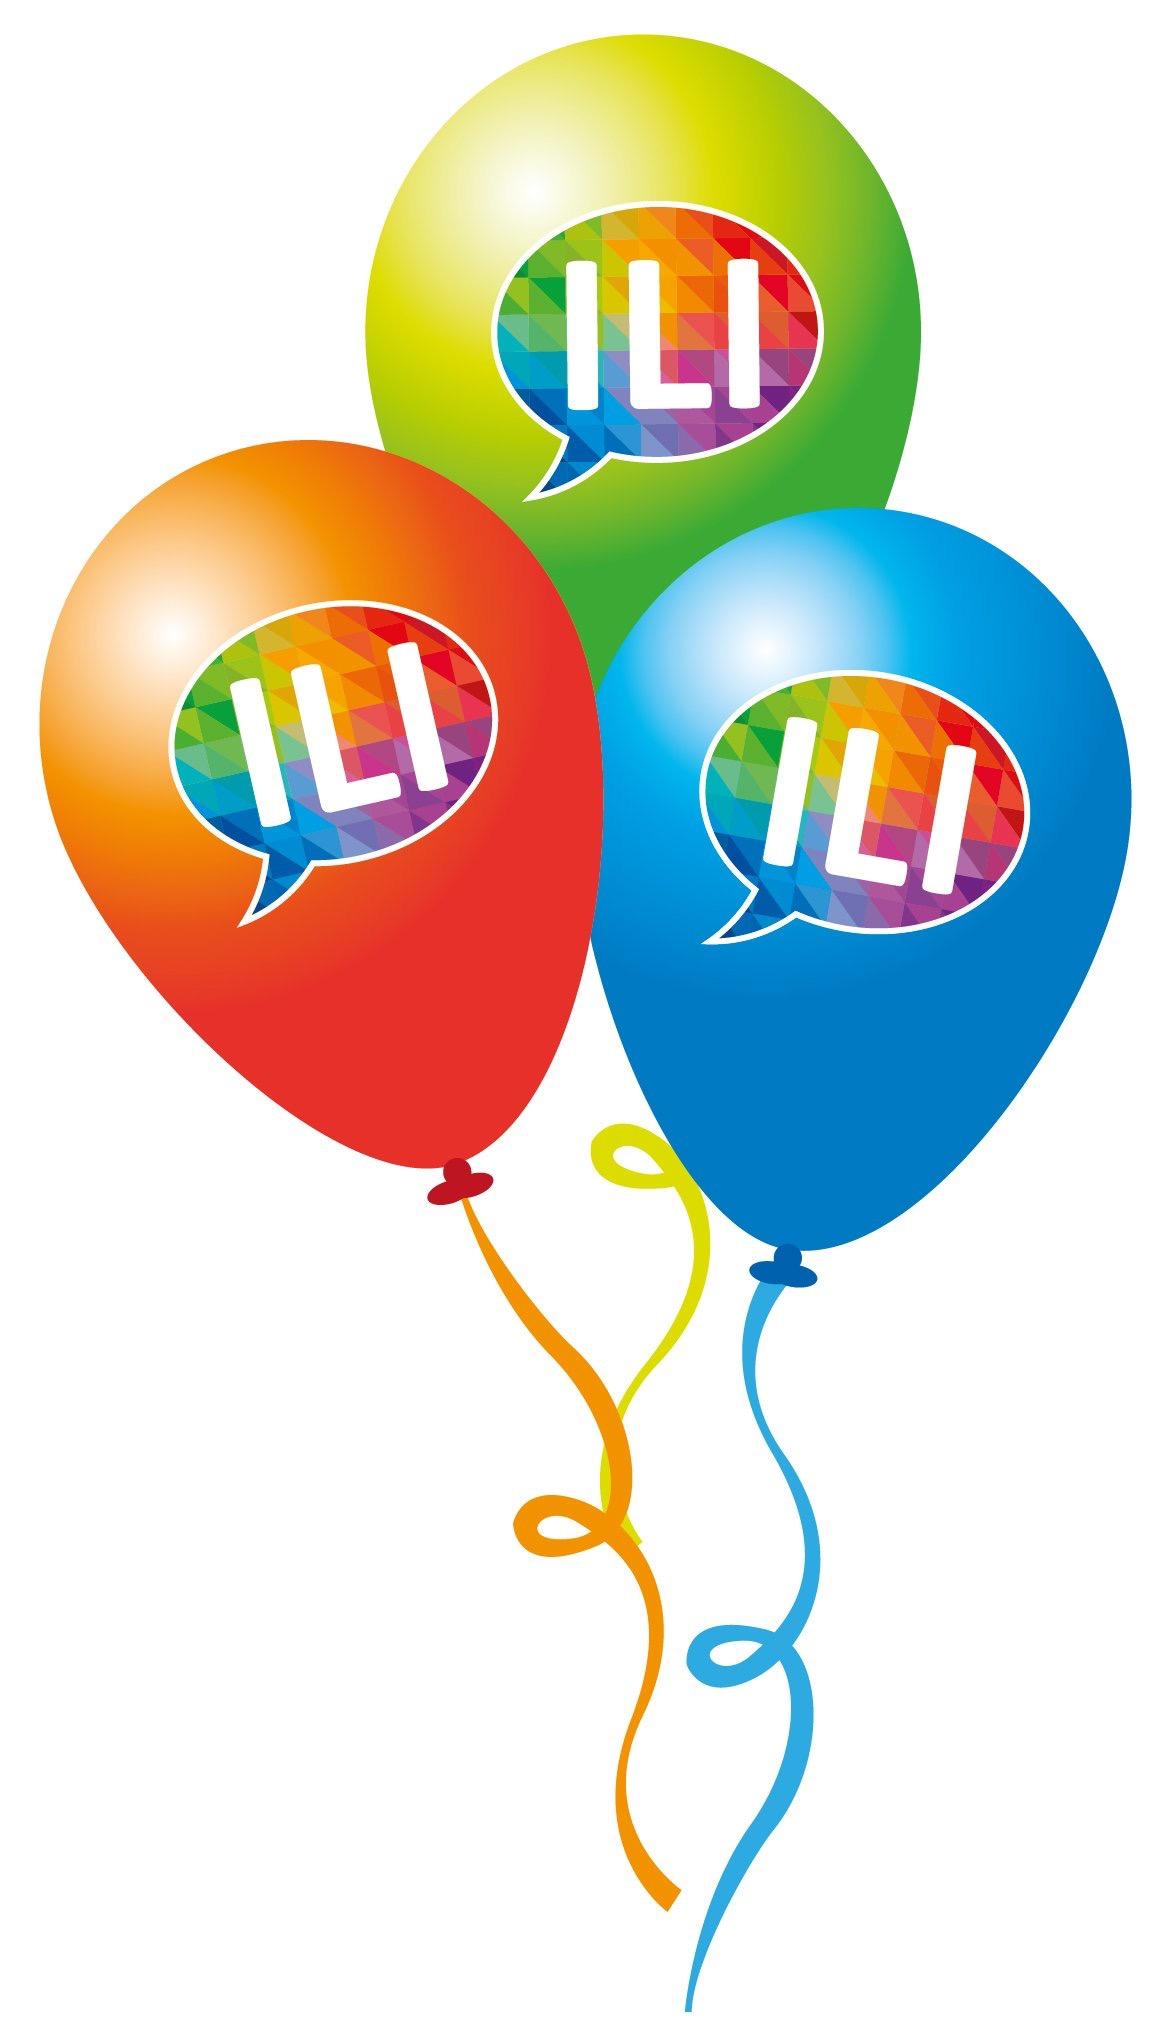 ILI18